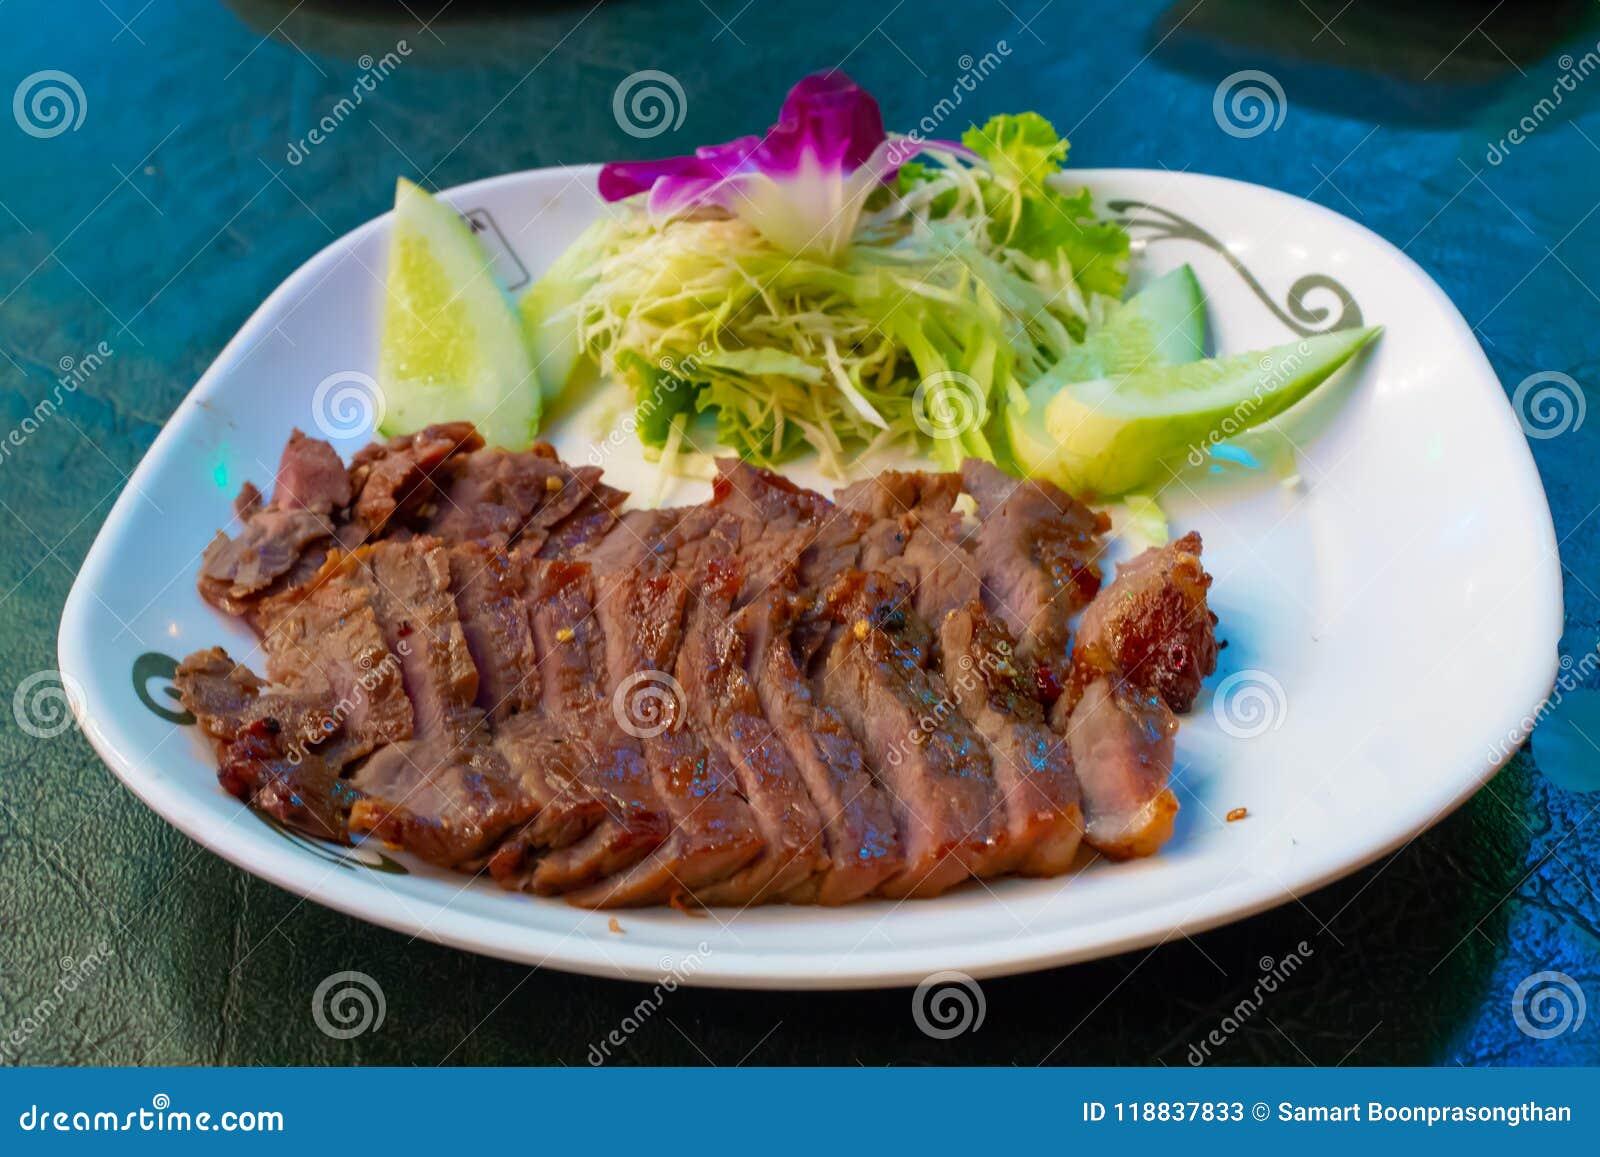 Boeuf grillé d un plat blanc avec de la sauce et les légumes